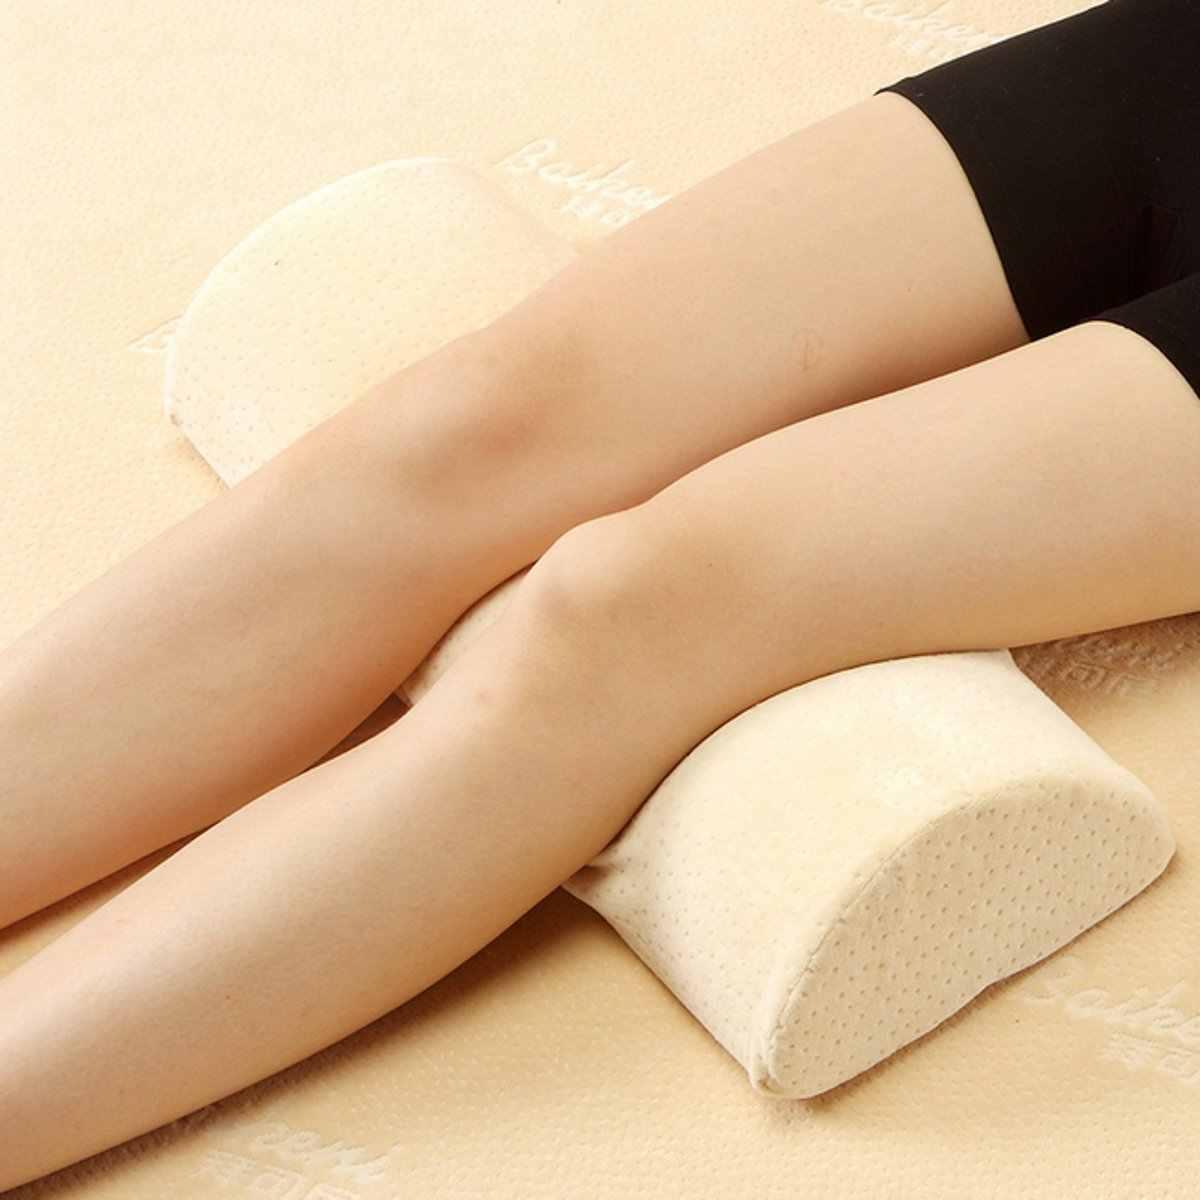 スローリバウンドメモリフォーム脚枕睡眠腰椎枕腰ネックサポート膝クッションパッド圧力リリーフ枕